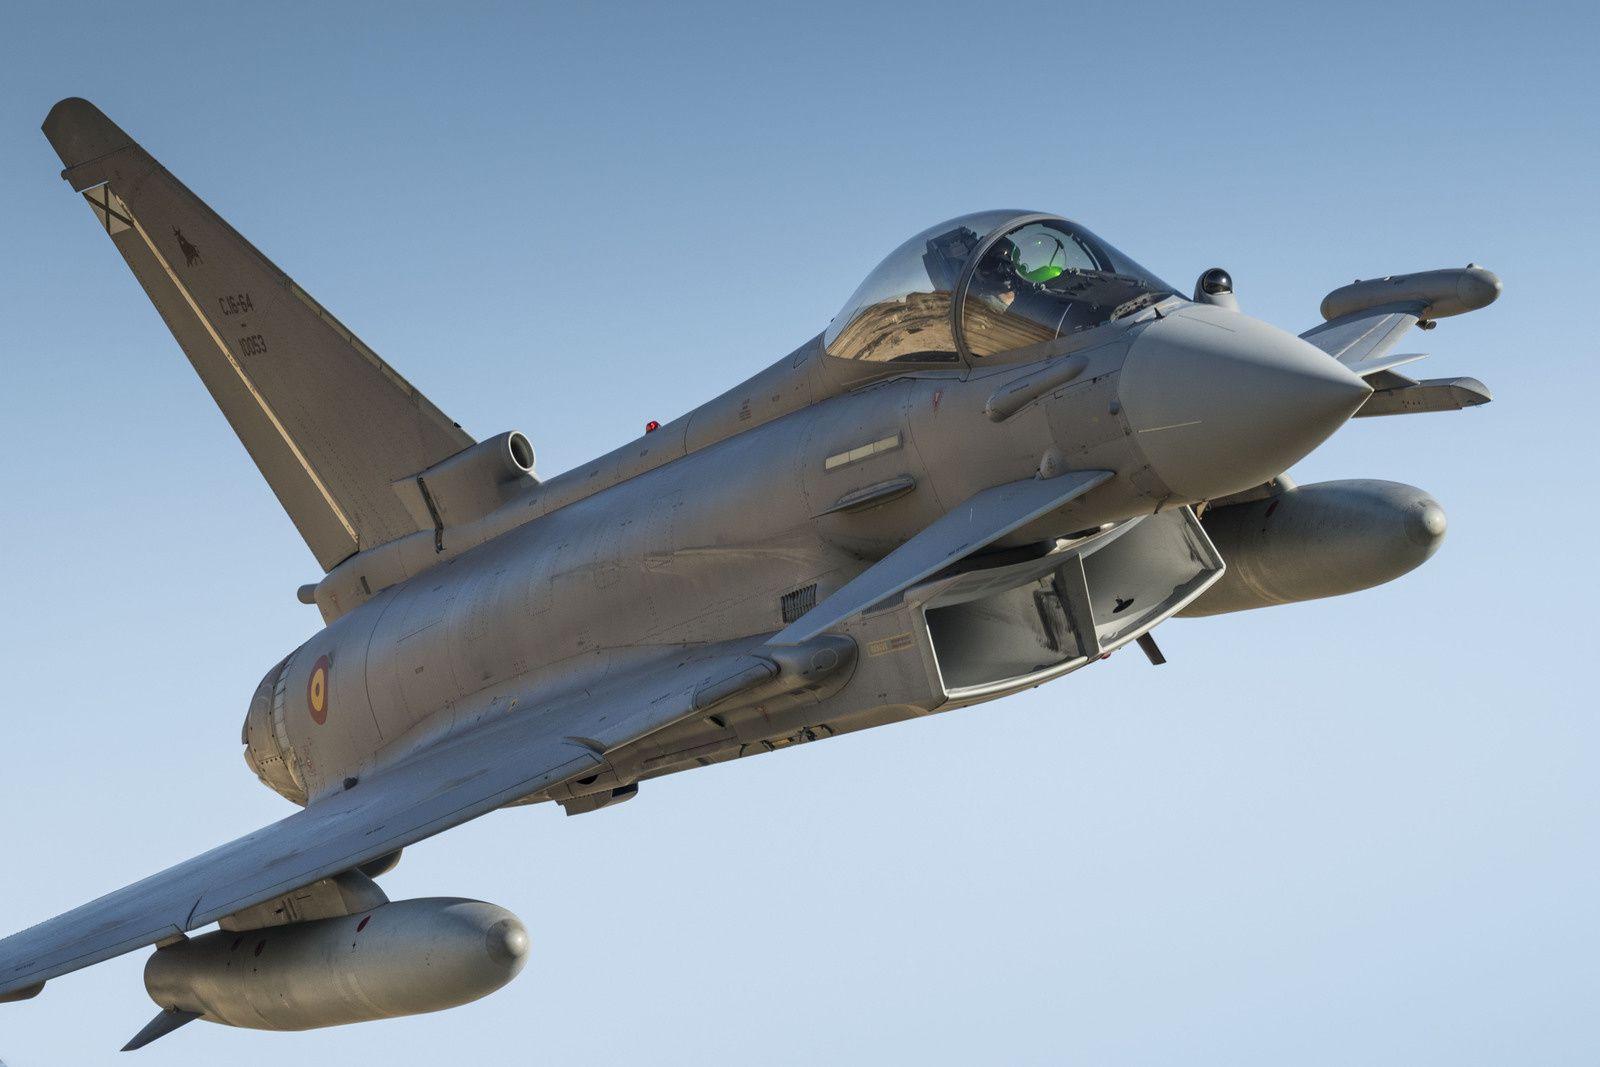 Un Typhoon de l'Ejército del Aire s'est écrasé à l'atterrissage